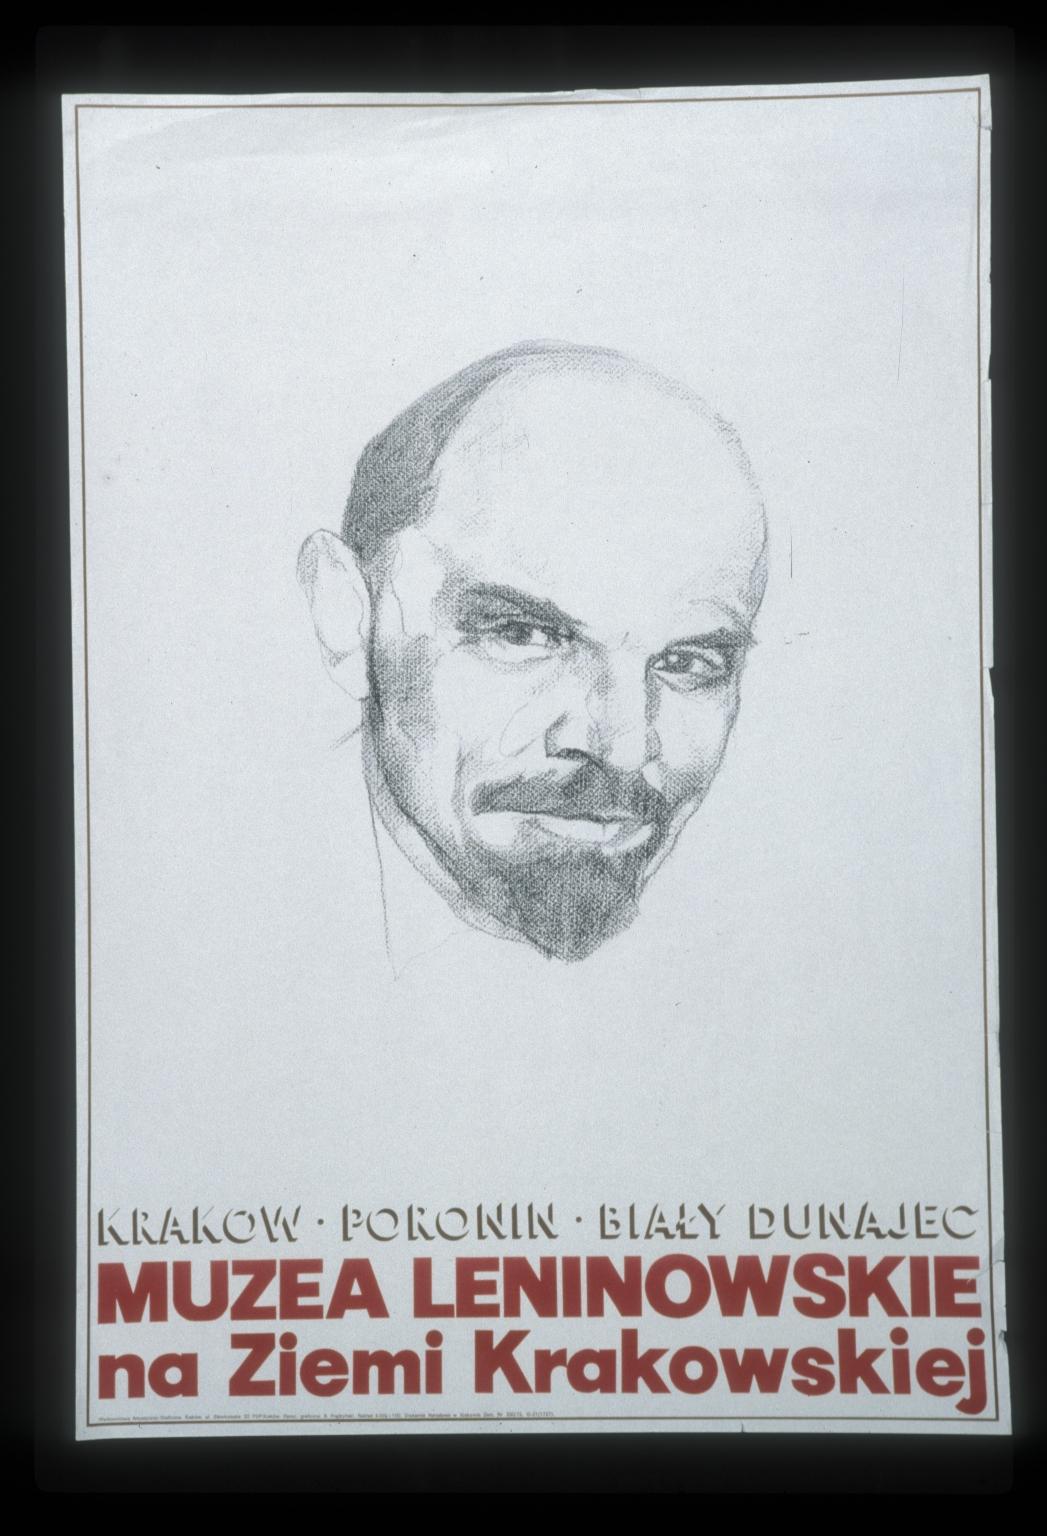 Muzea Leninowskie na Ziemi Krakowskiej--Krakow, Poronin, Bialy, Dunajec